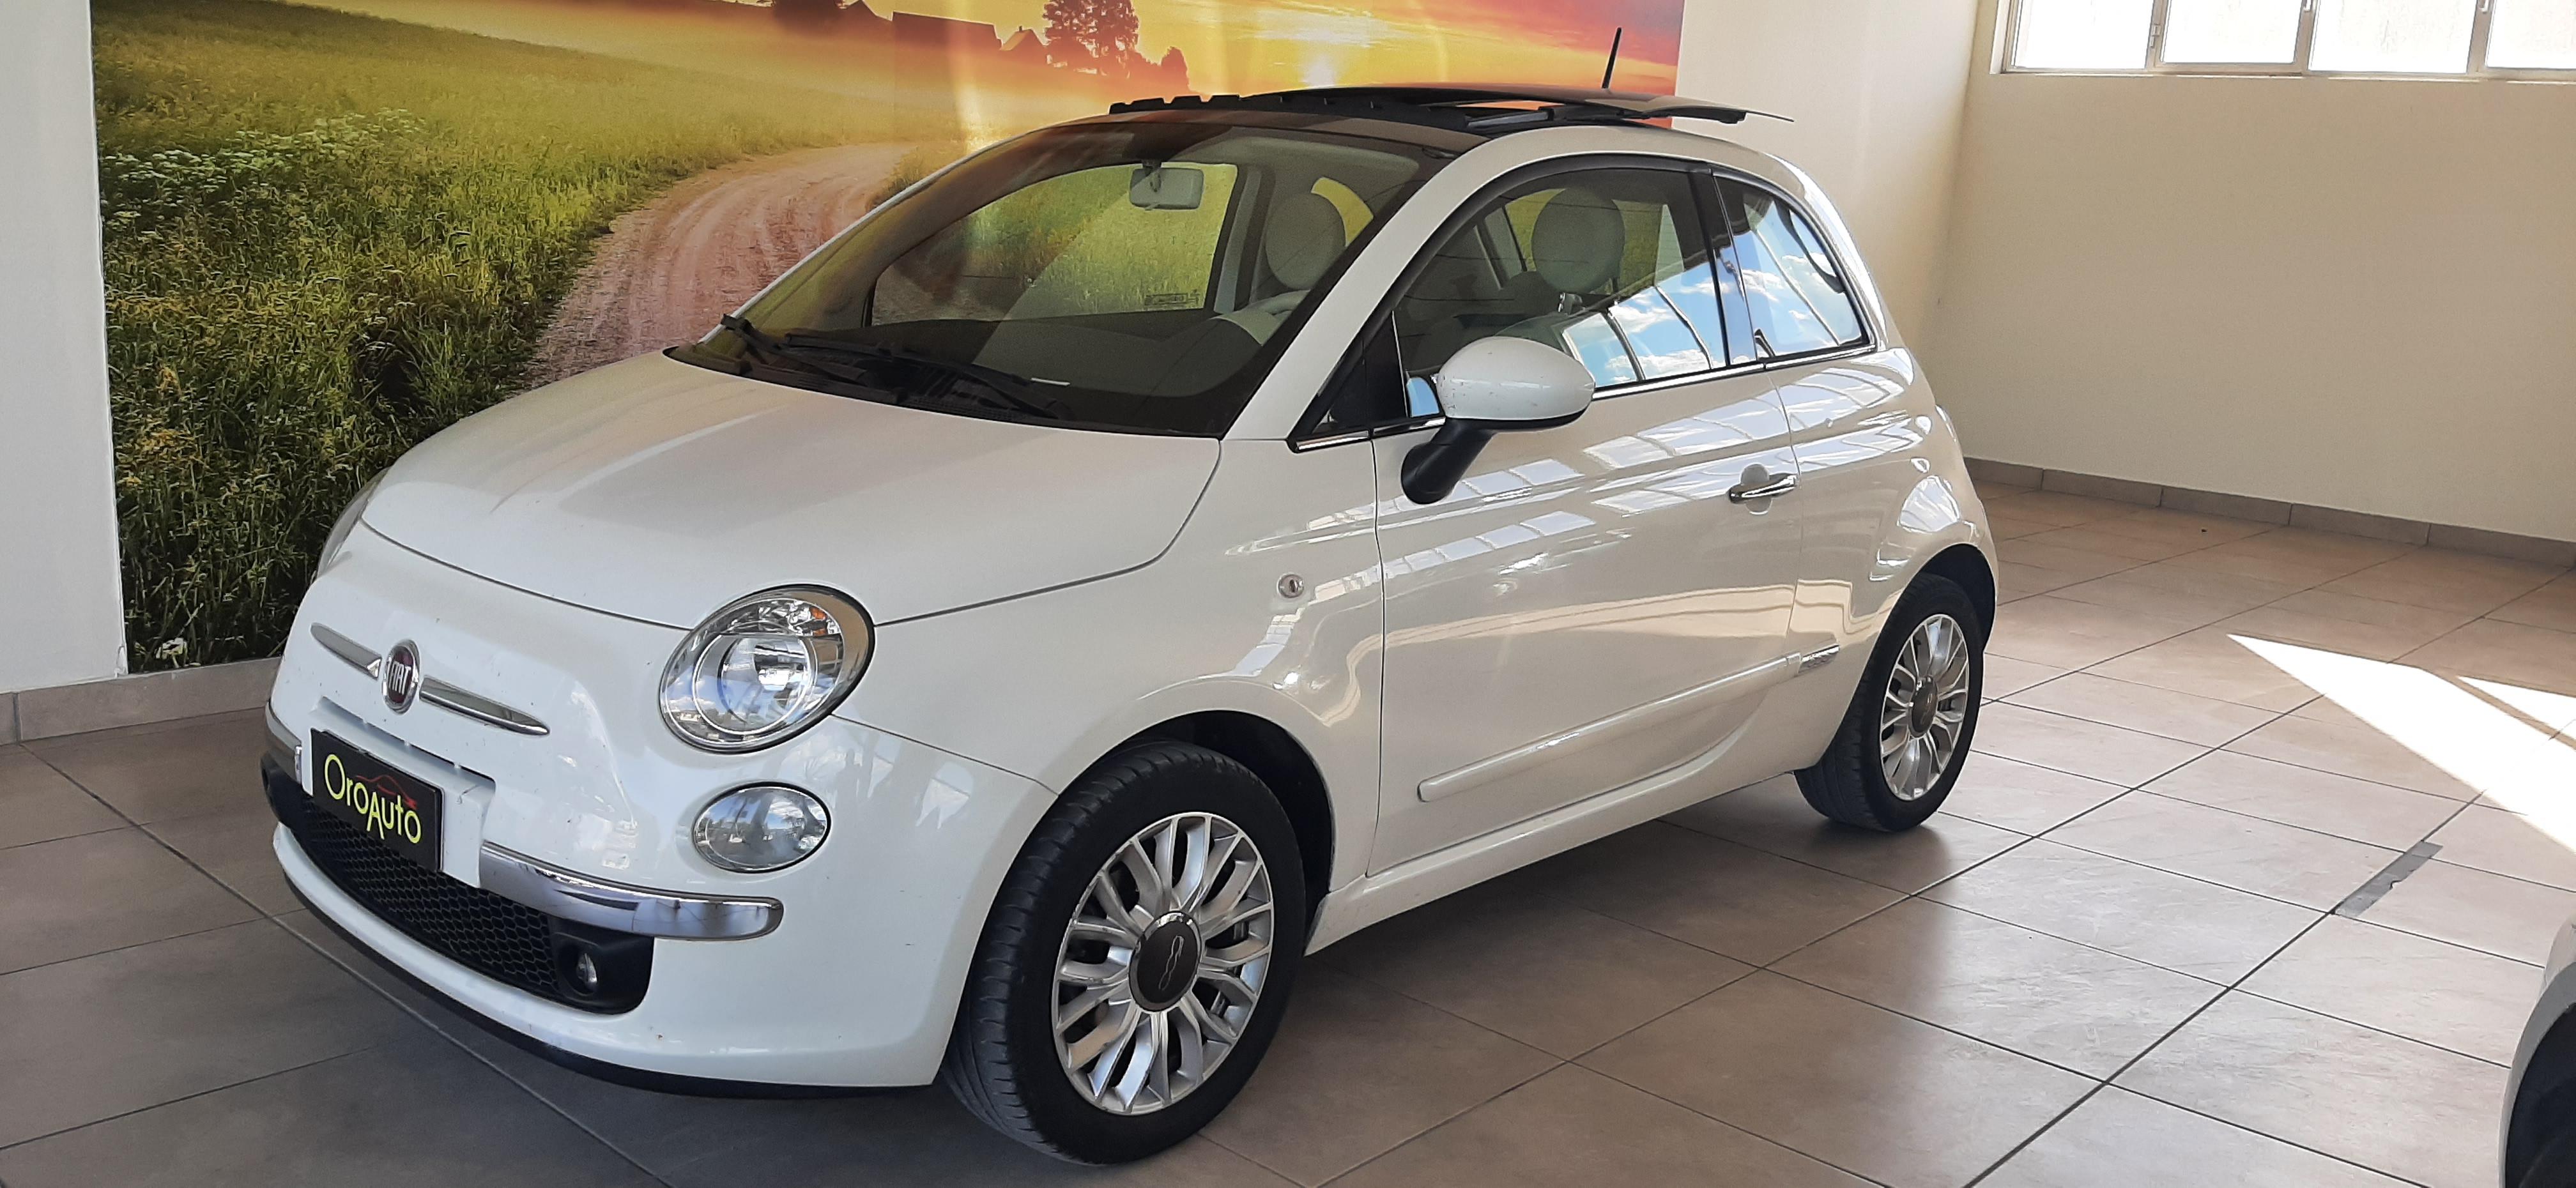 Fiat 500 1.2 Lounge-TETTO APRIBILE-CERCHI-CLIMA-PDC***PRENOTATA***